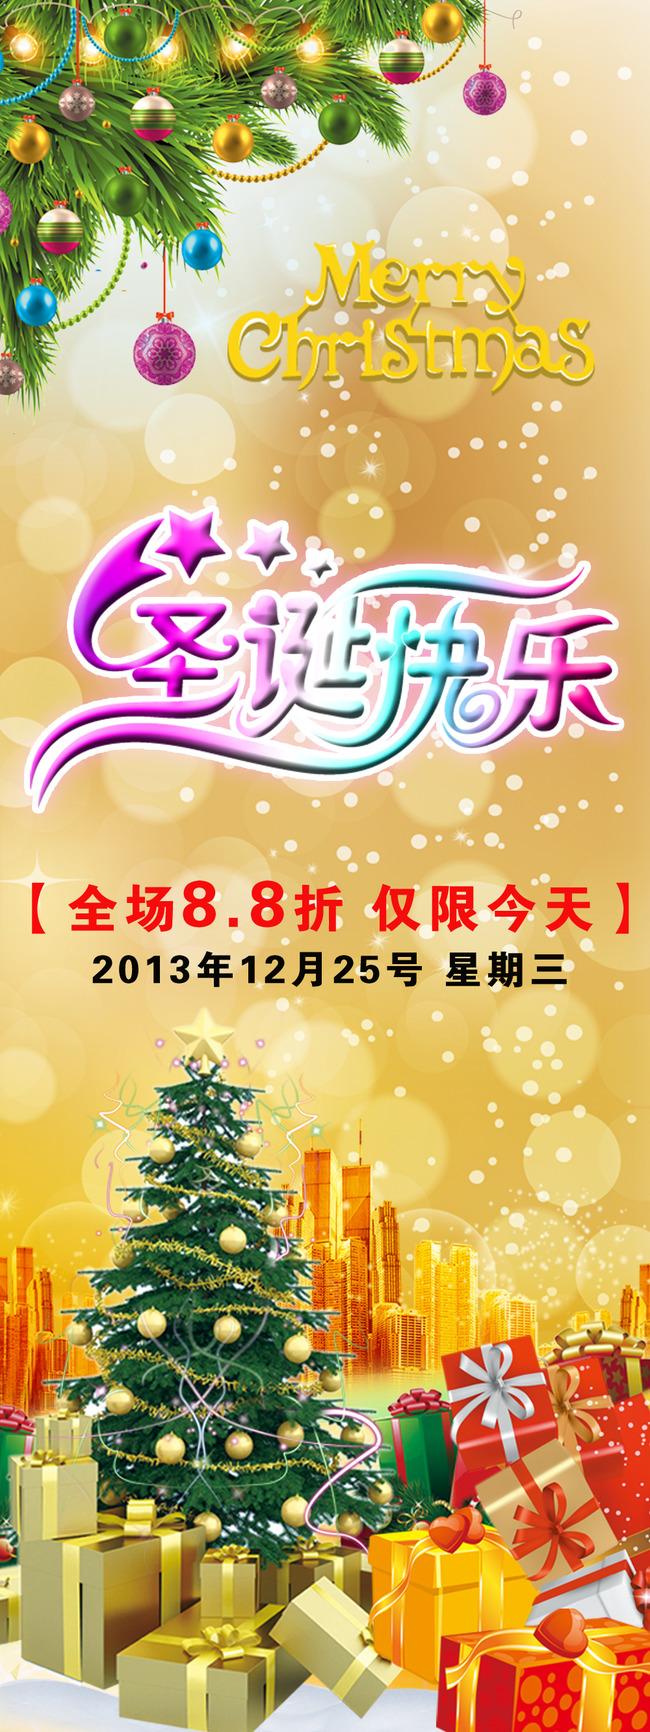 圣诞节促销海报圣诞树素材